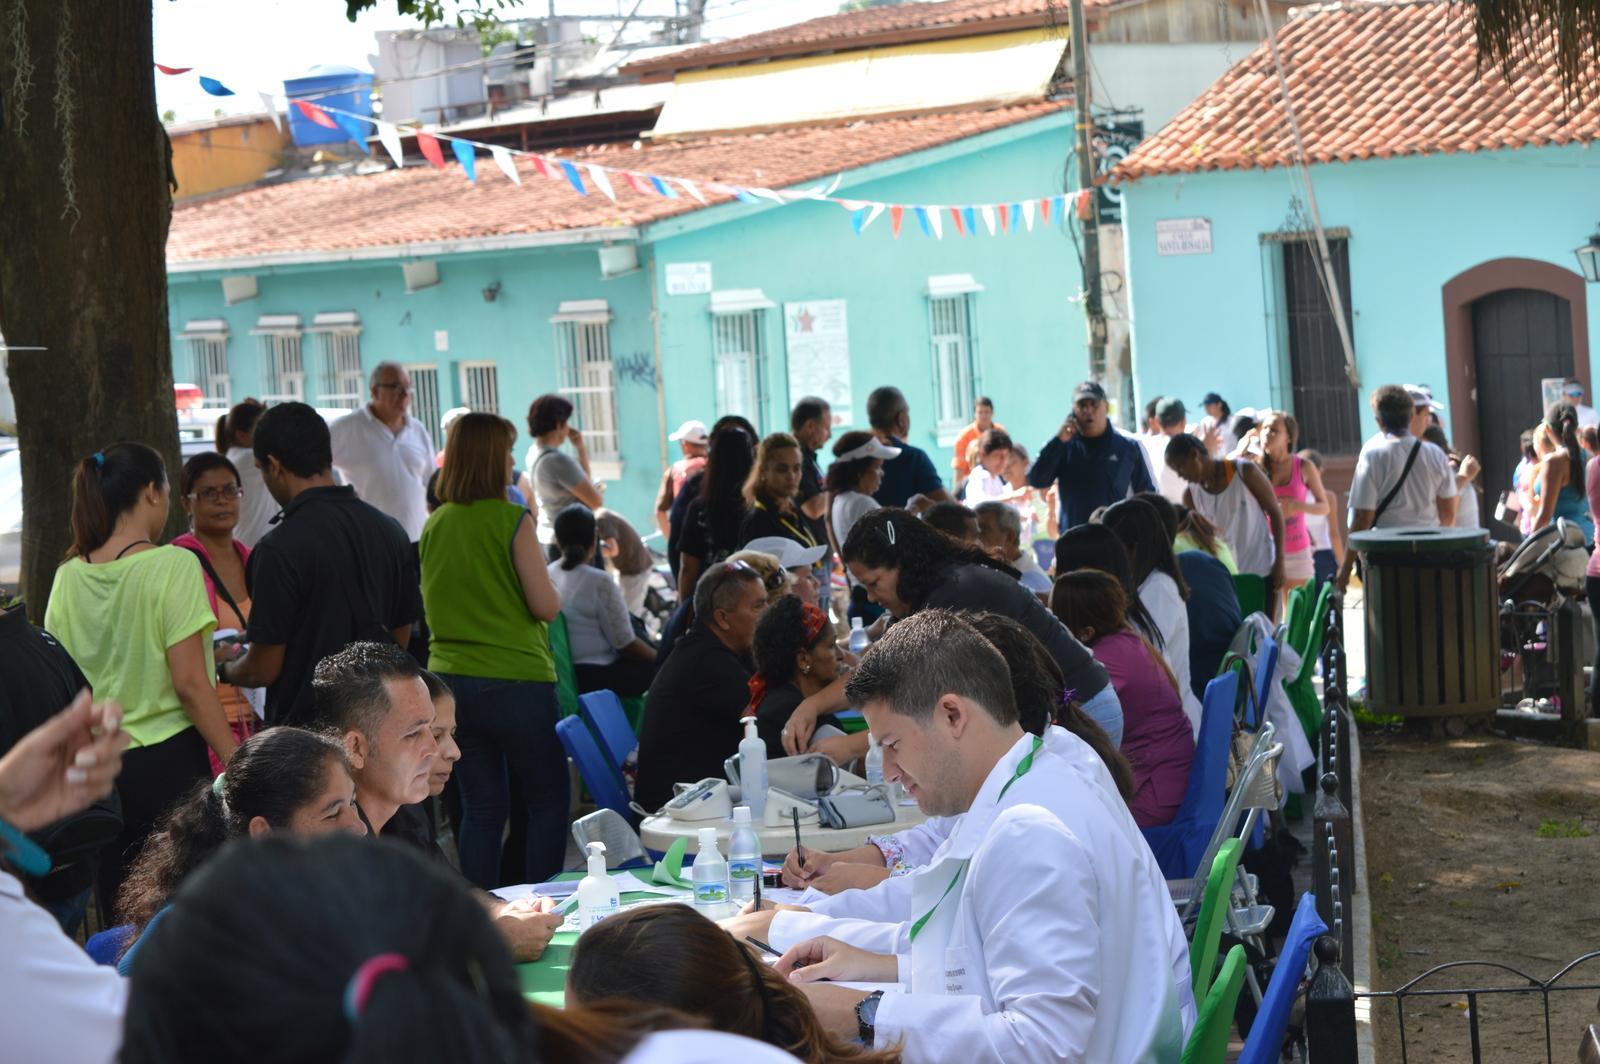 Jornada de atención médica en El Hatillo por el Día Mundial del Corazón